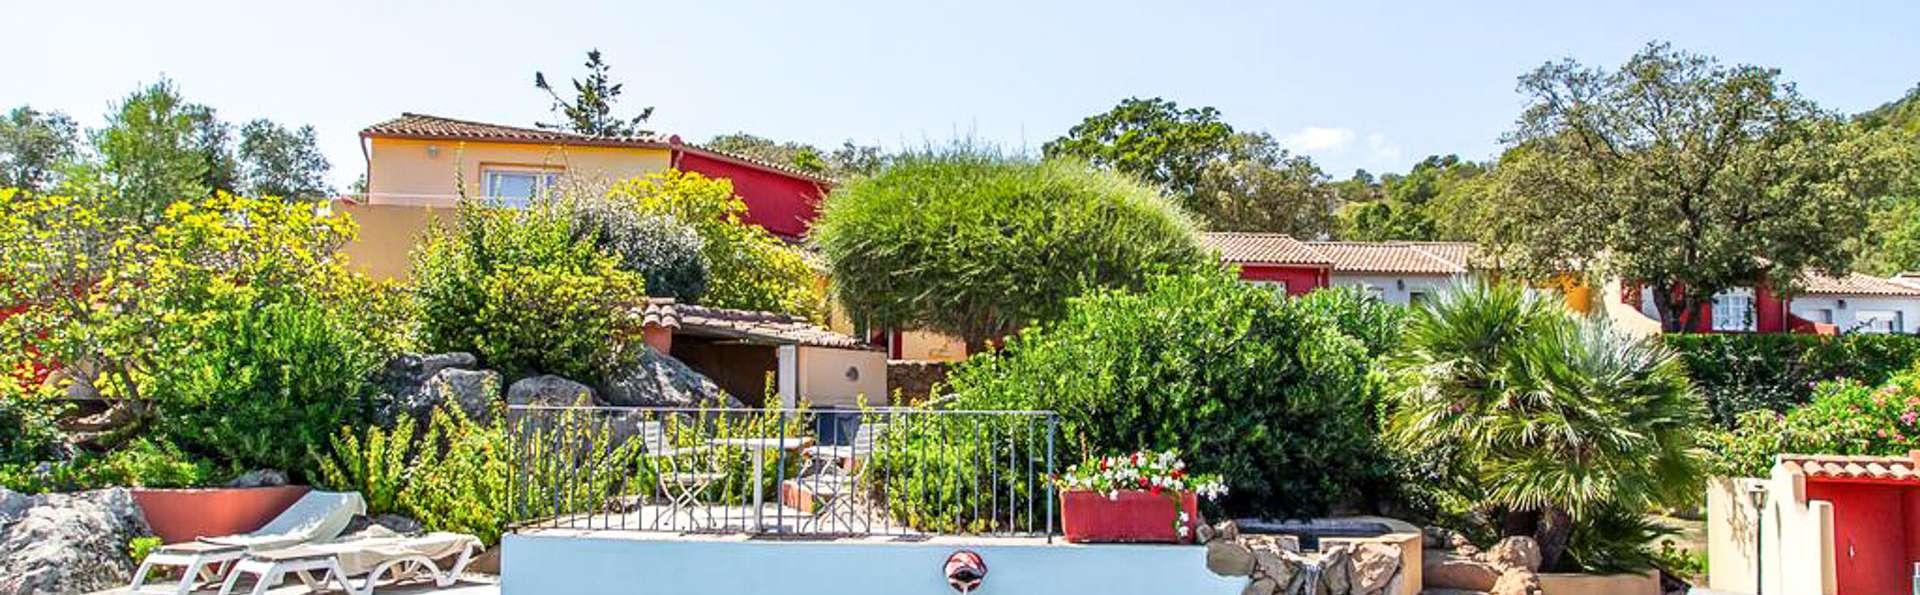 Le Roc e Fiori Hotel - EDIT_WEB_POOL_02.jpg